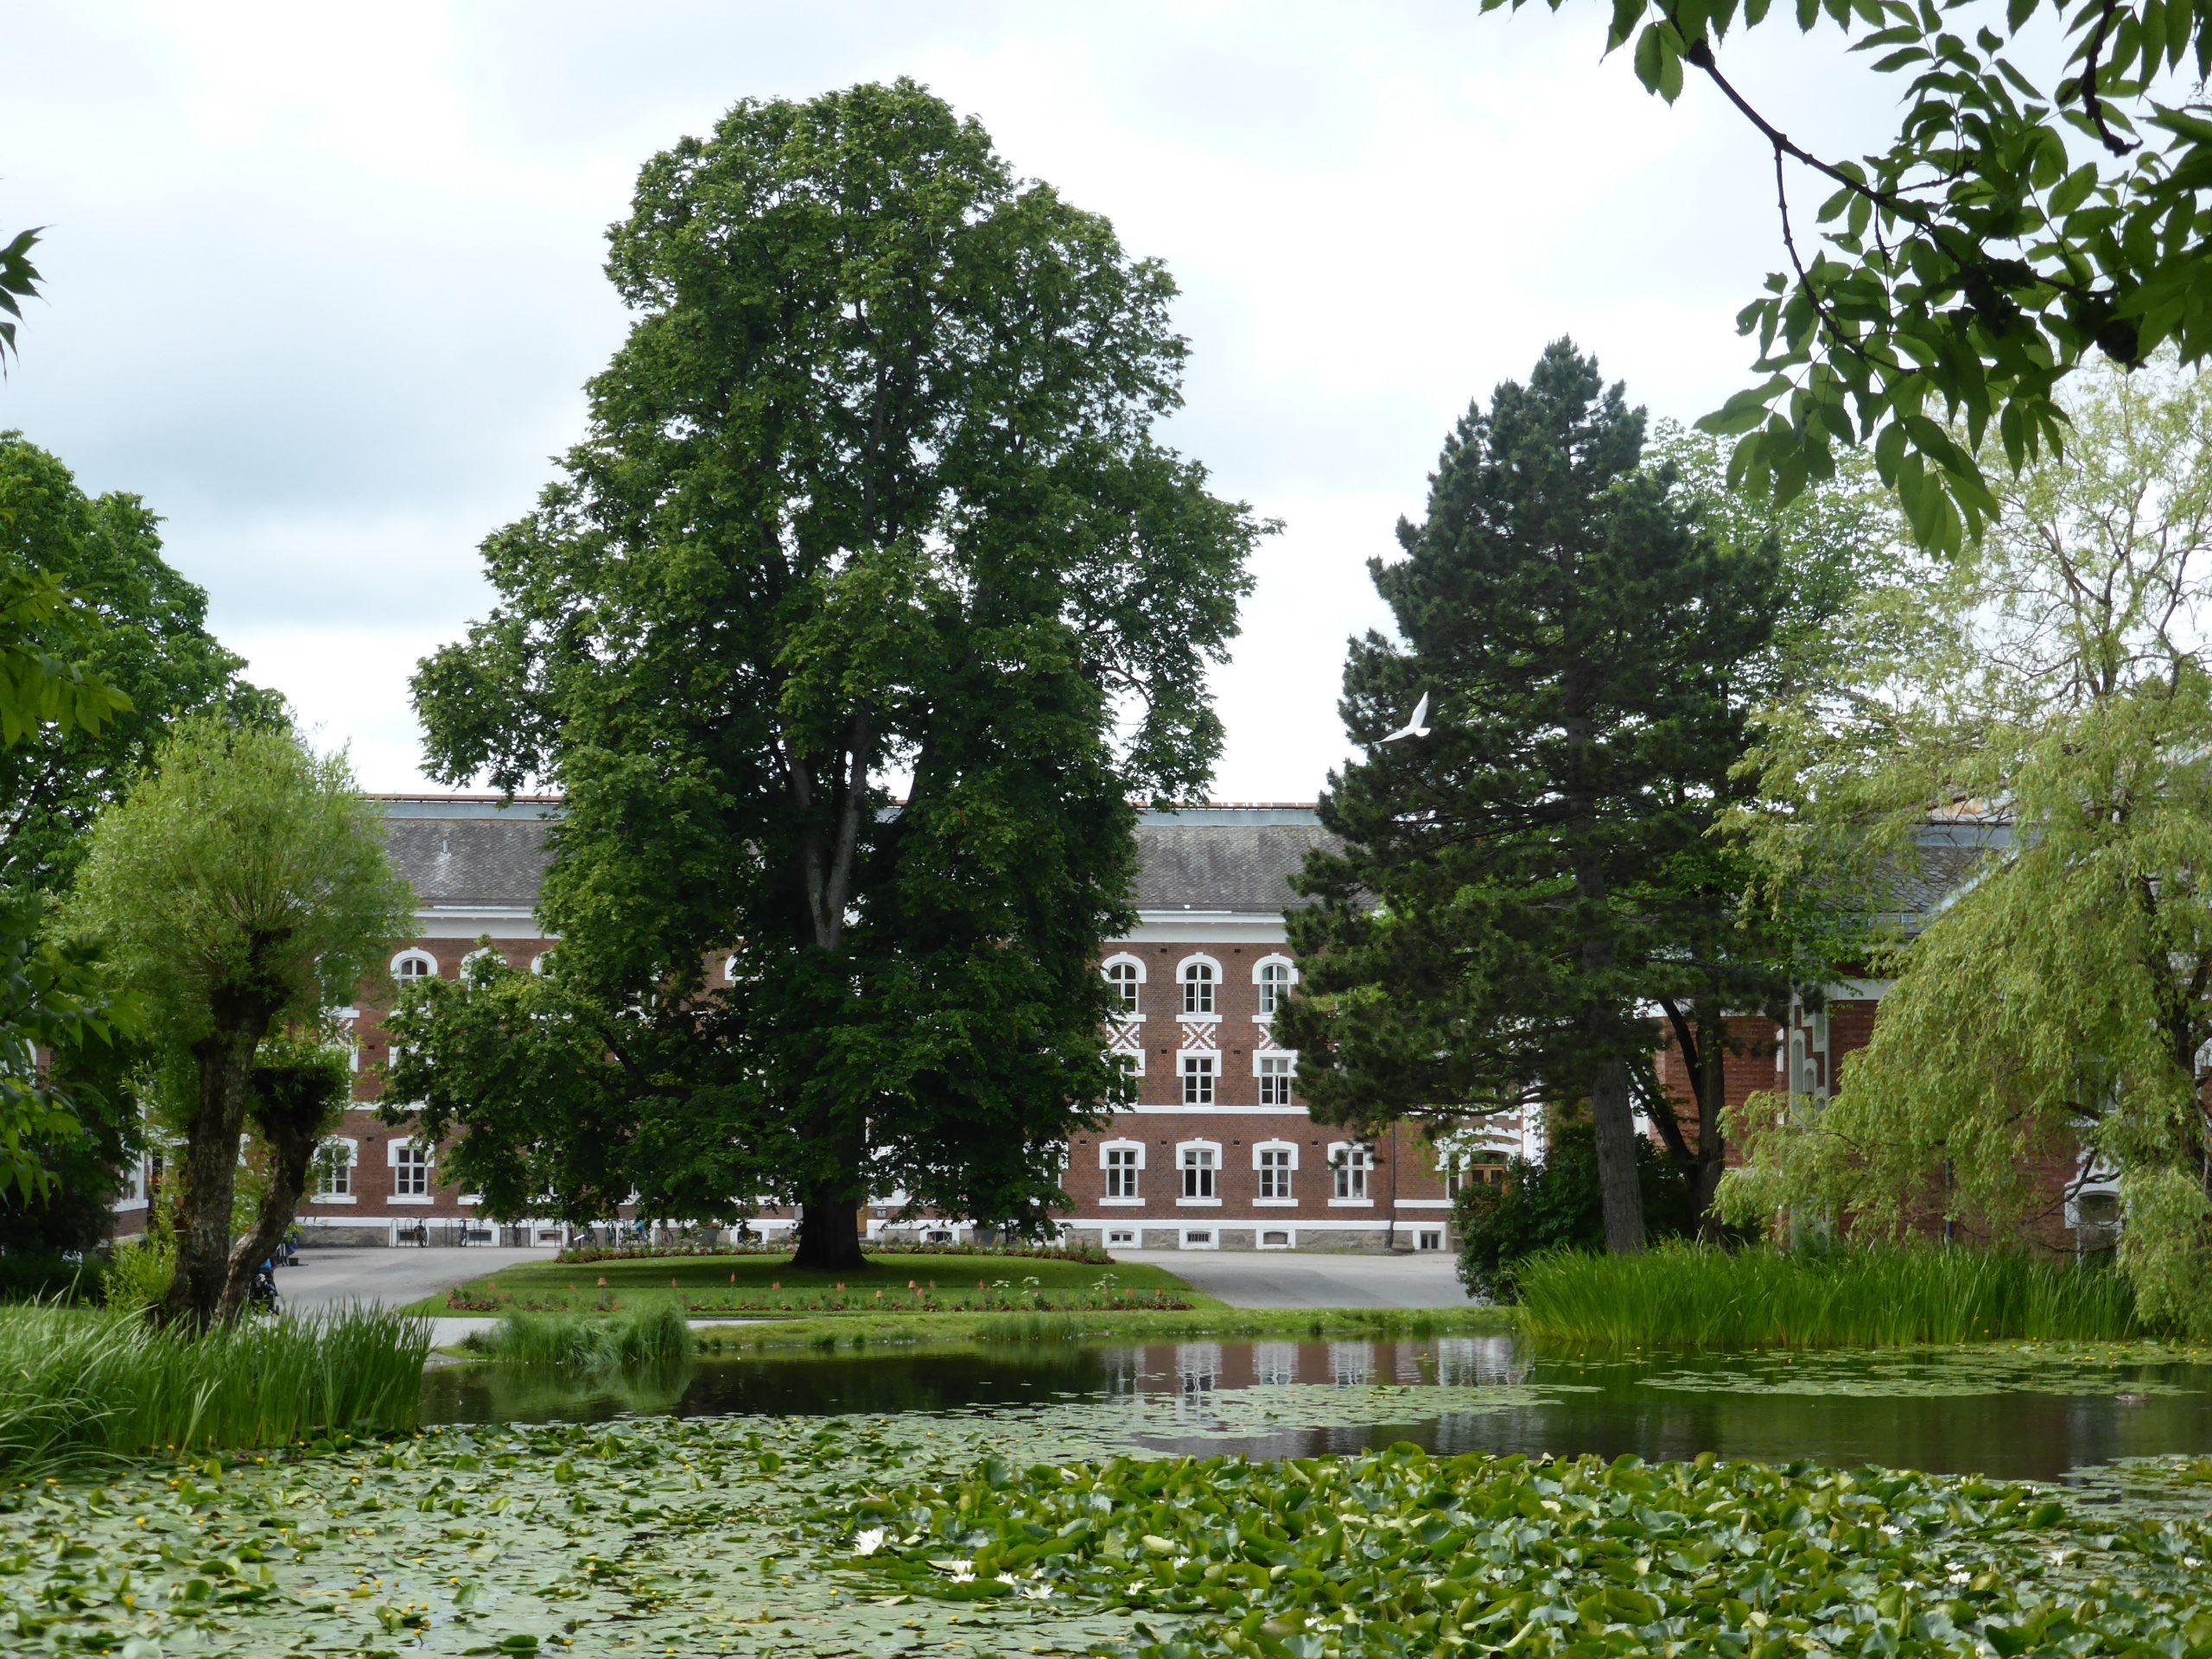 Norges miljø- og biovitenskapelige universitet (NMBU) med park.